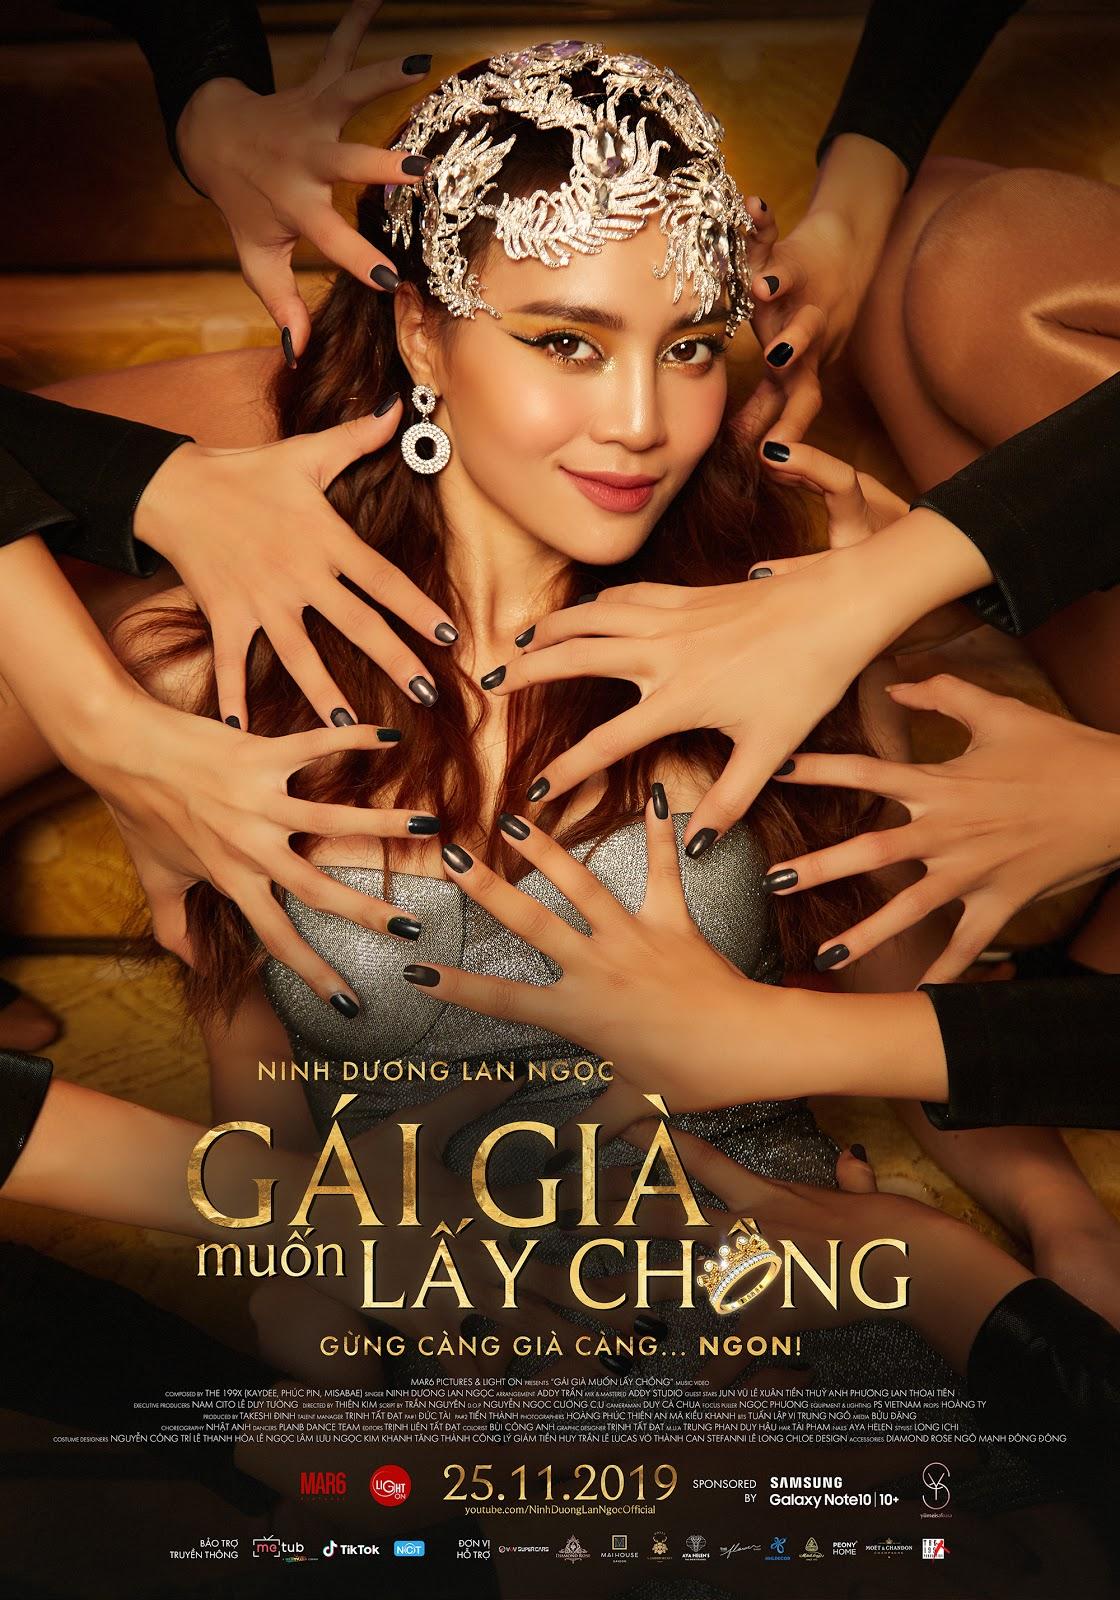 Ninh Dương Lan Ngọc tung poster MV mới kèm lời chia sẻ xúc động gửi đến Cám Con - Hình 1